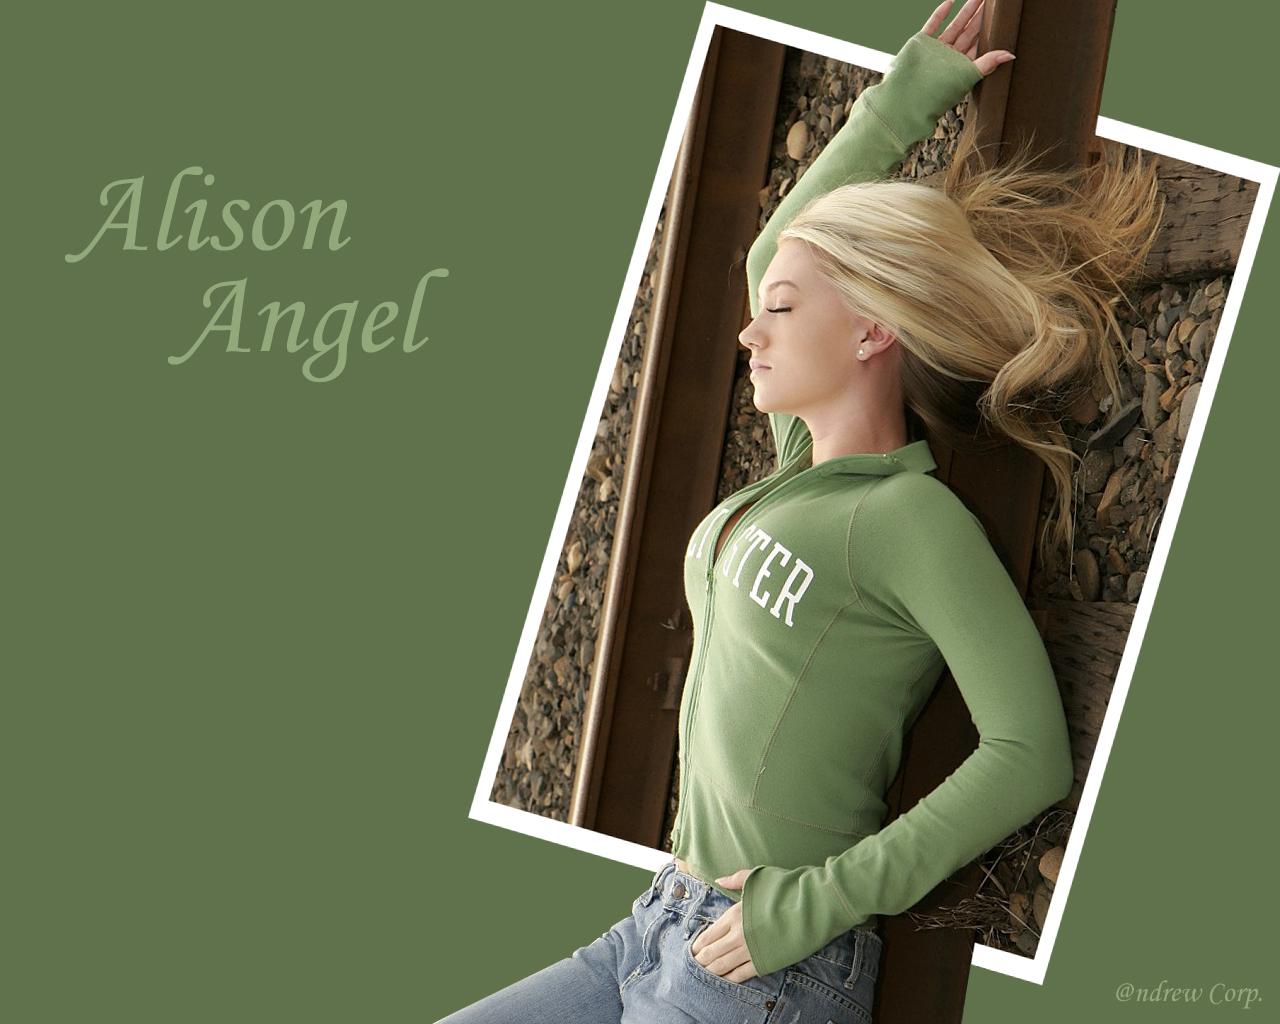 http://3.bp.blogspot.com/-EAX6U1szggA/TnYsh5Daq6I/AAAAAAAAFQg/KZ7RXZFkKy8/s1600/Alison+Angel+%25286%2529.jpg